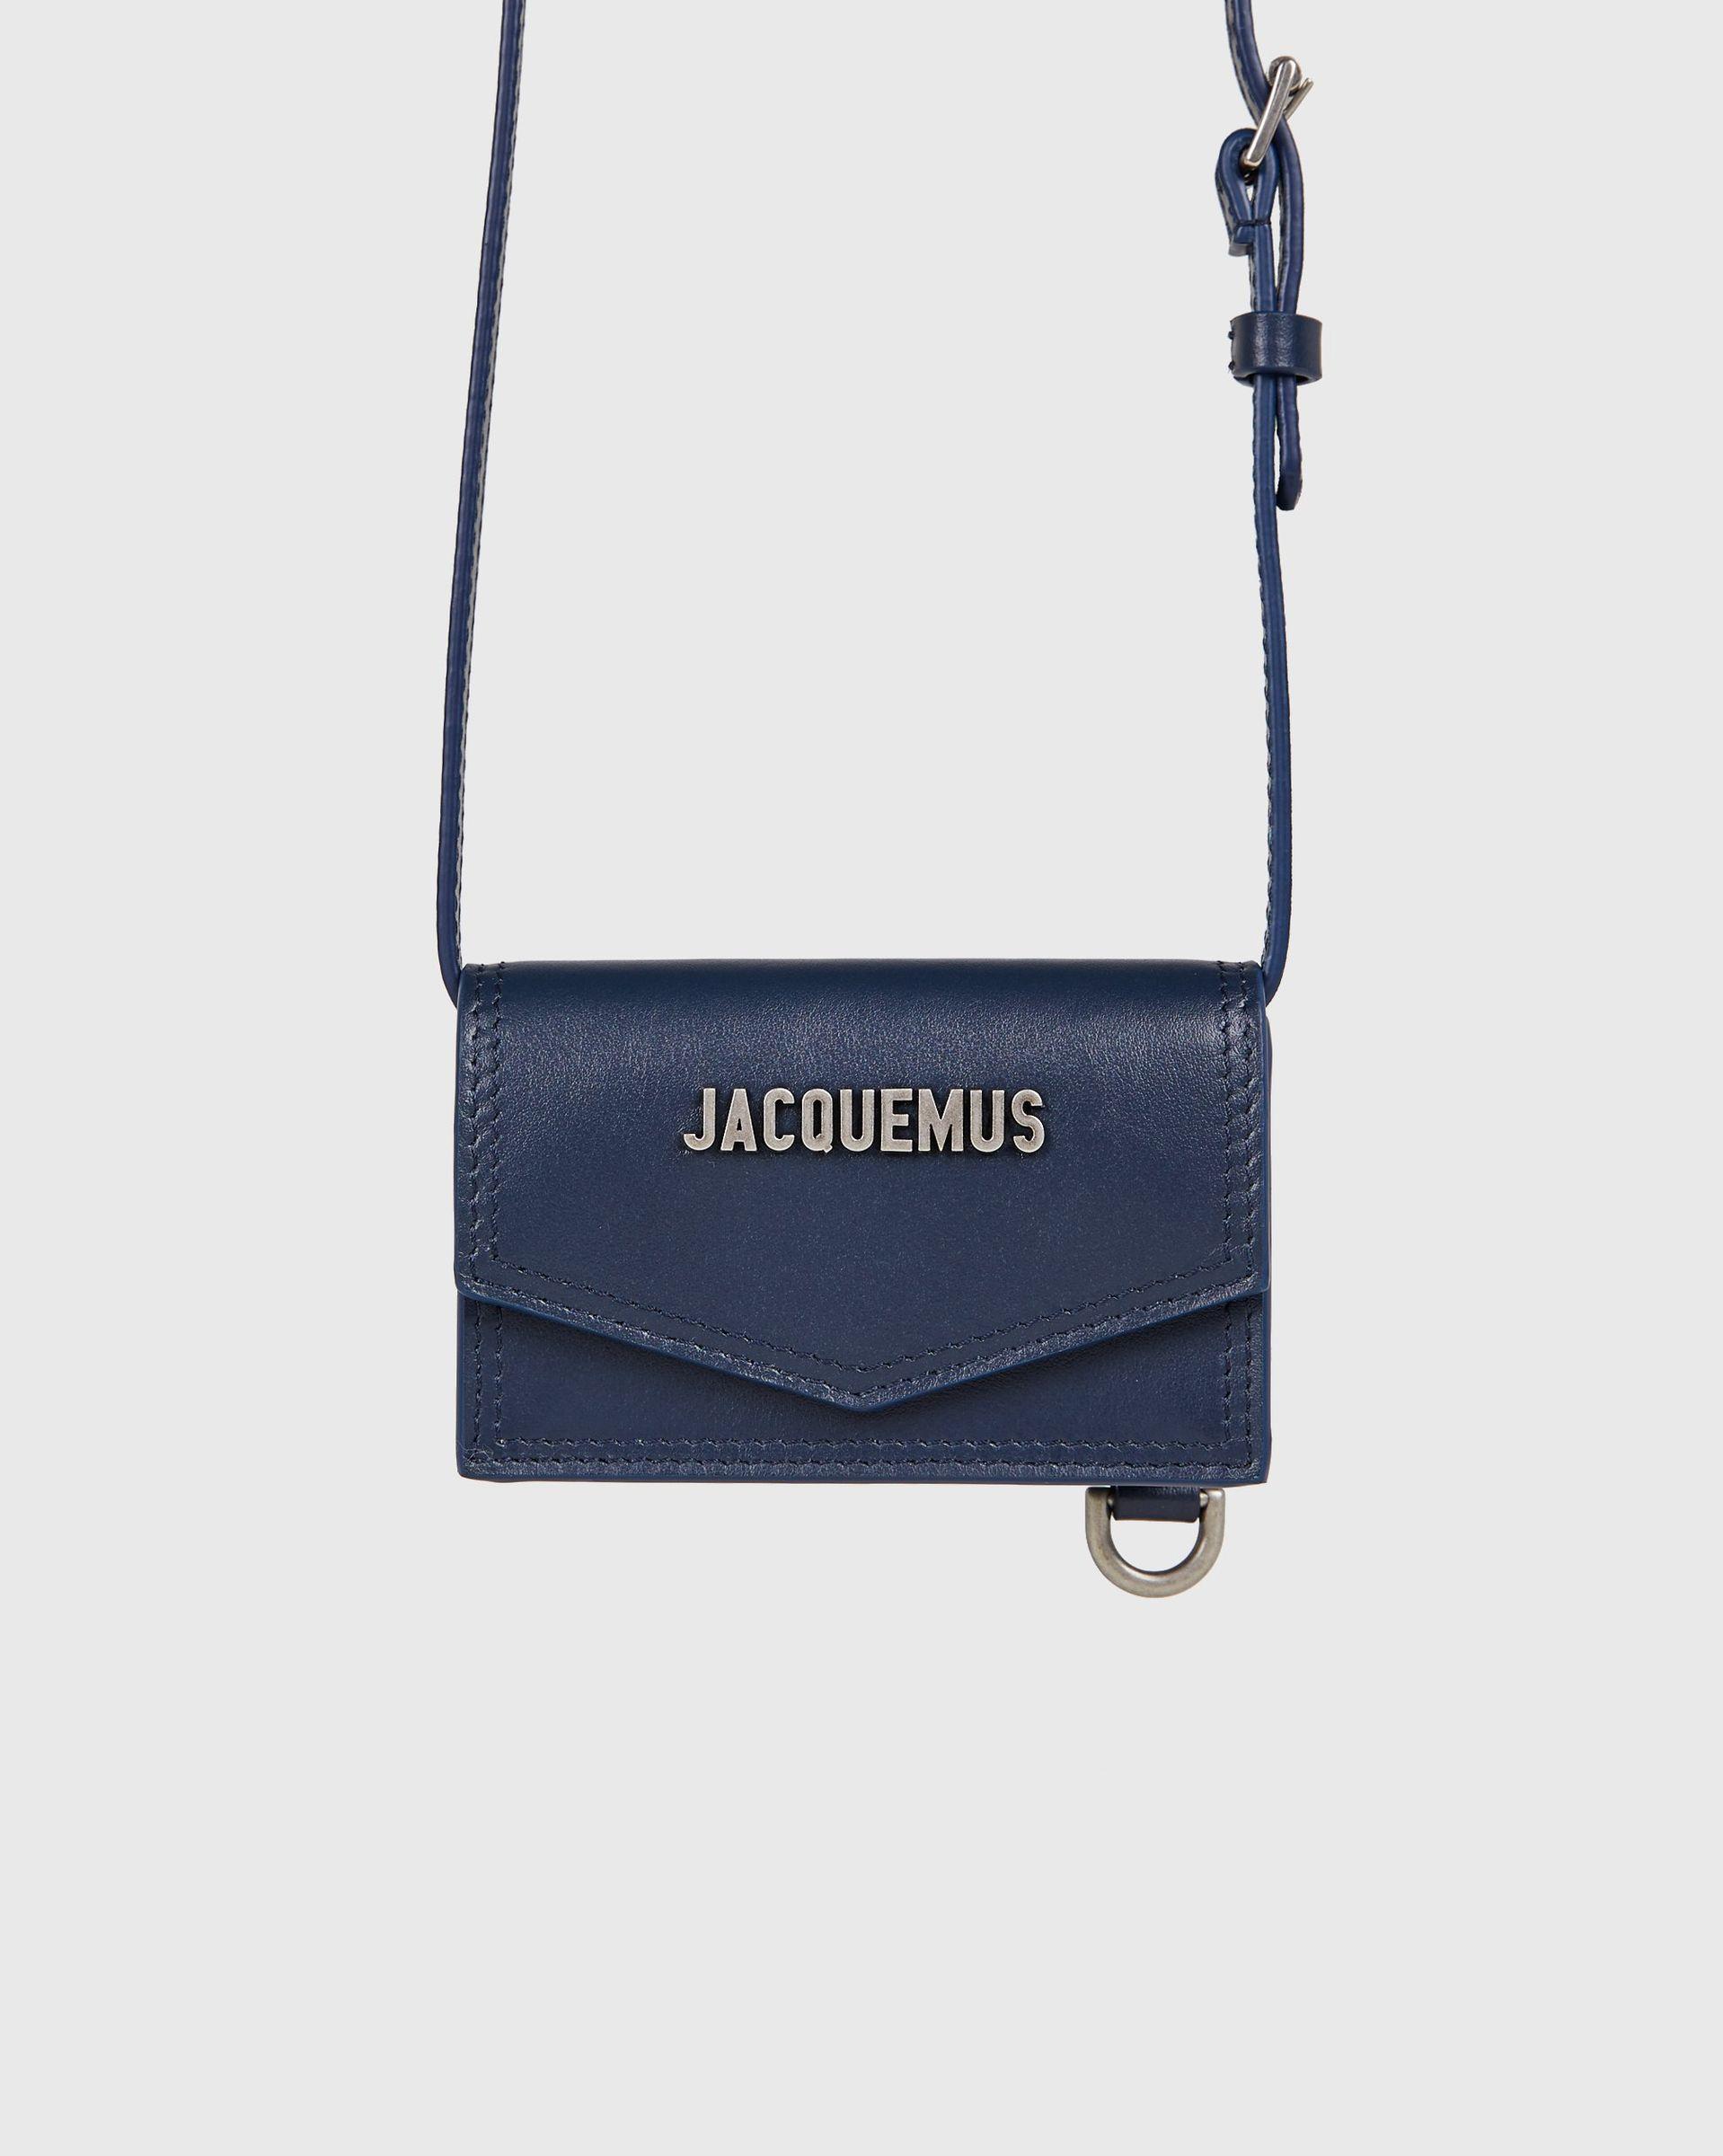 JACQUEMUS - Le Porte Azur Navy - Image 1